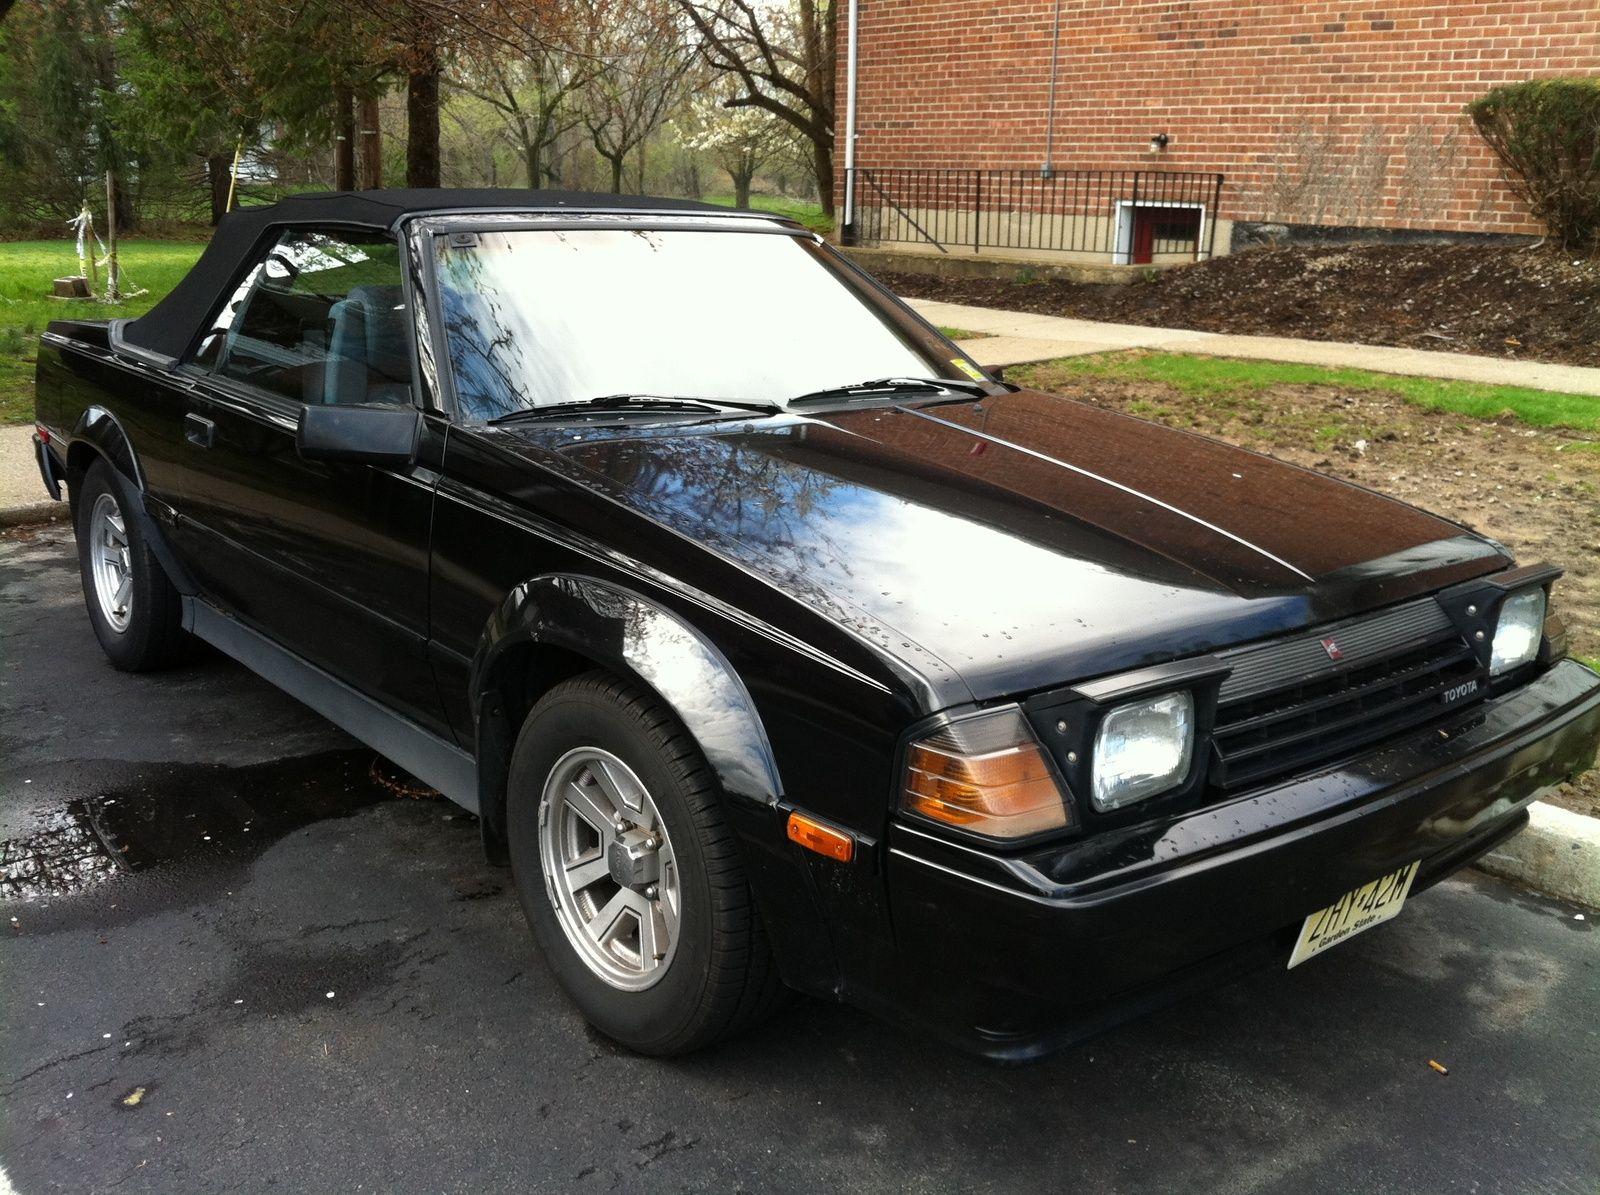 Toyota Celica Gts 1985 Gt S Liftback Pictures